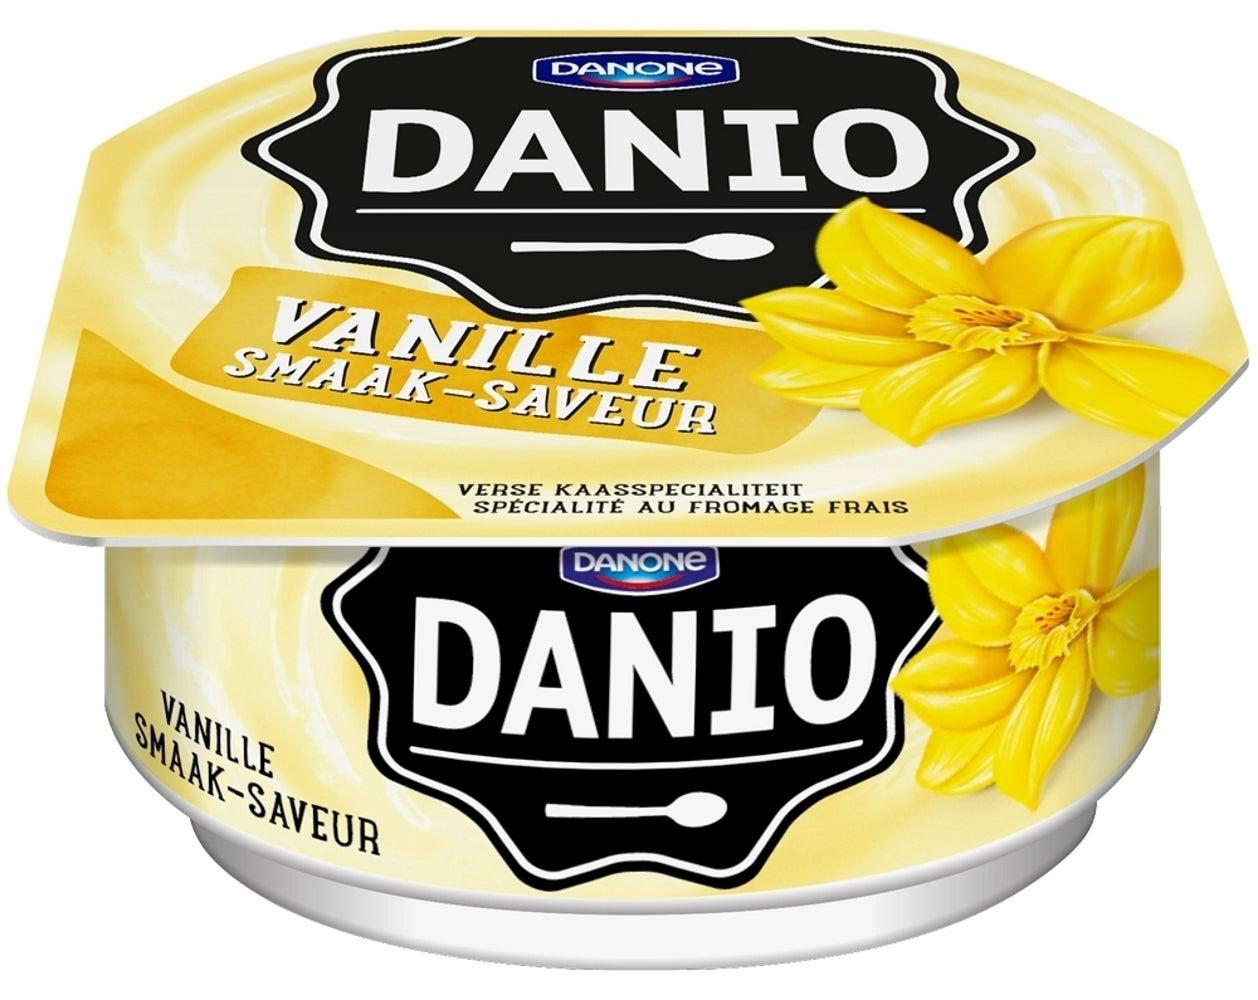 Danio Vanille Smaak 180g